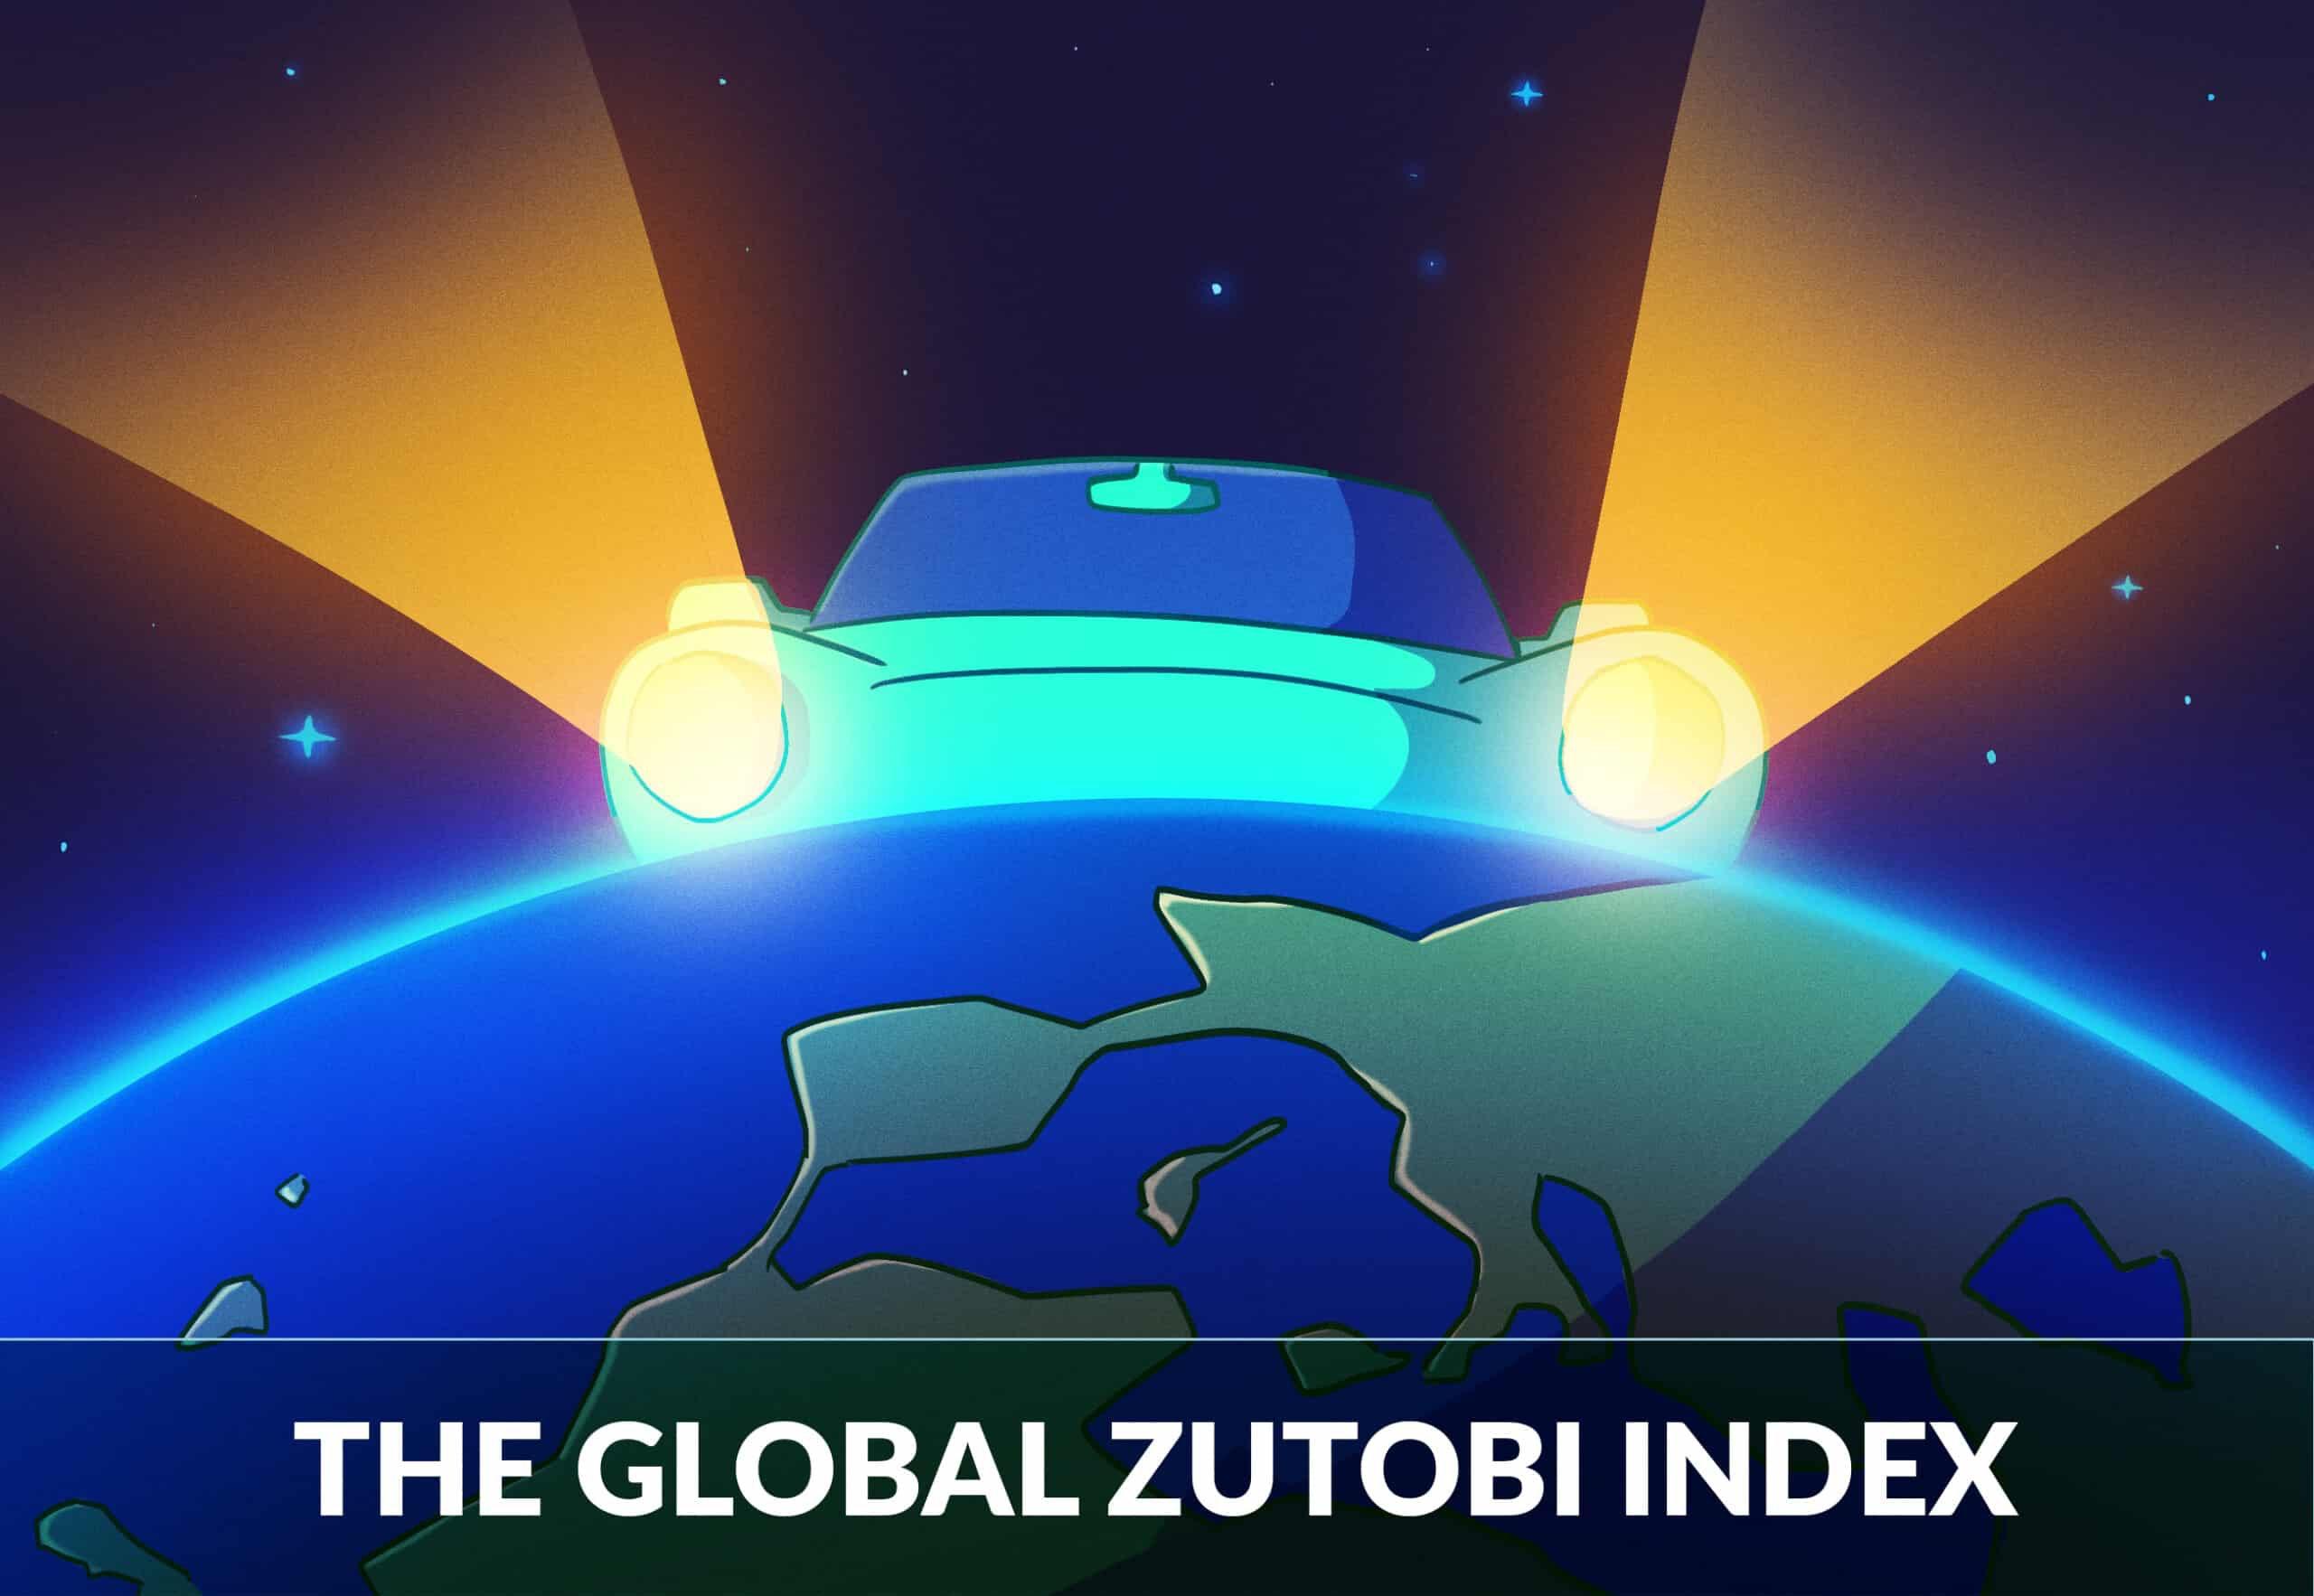 the zutobi global index